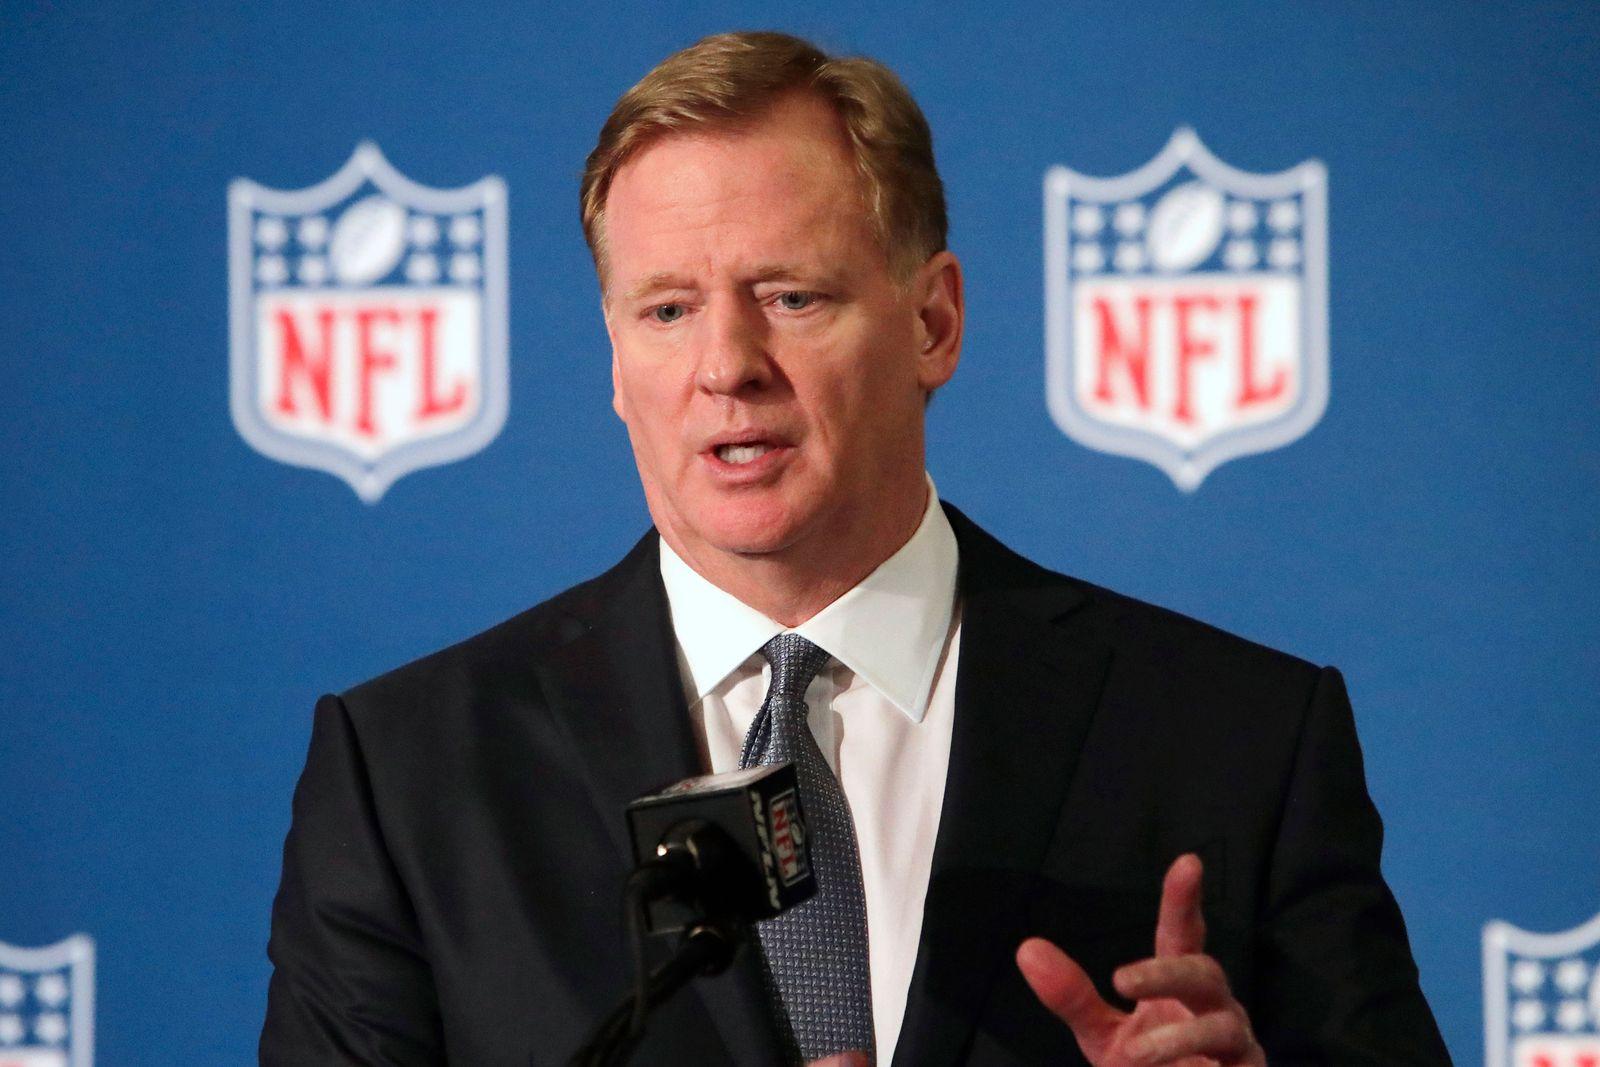 NFL-Boss über Kaepernick: «Wünschte, wir hätten früher zugehört»